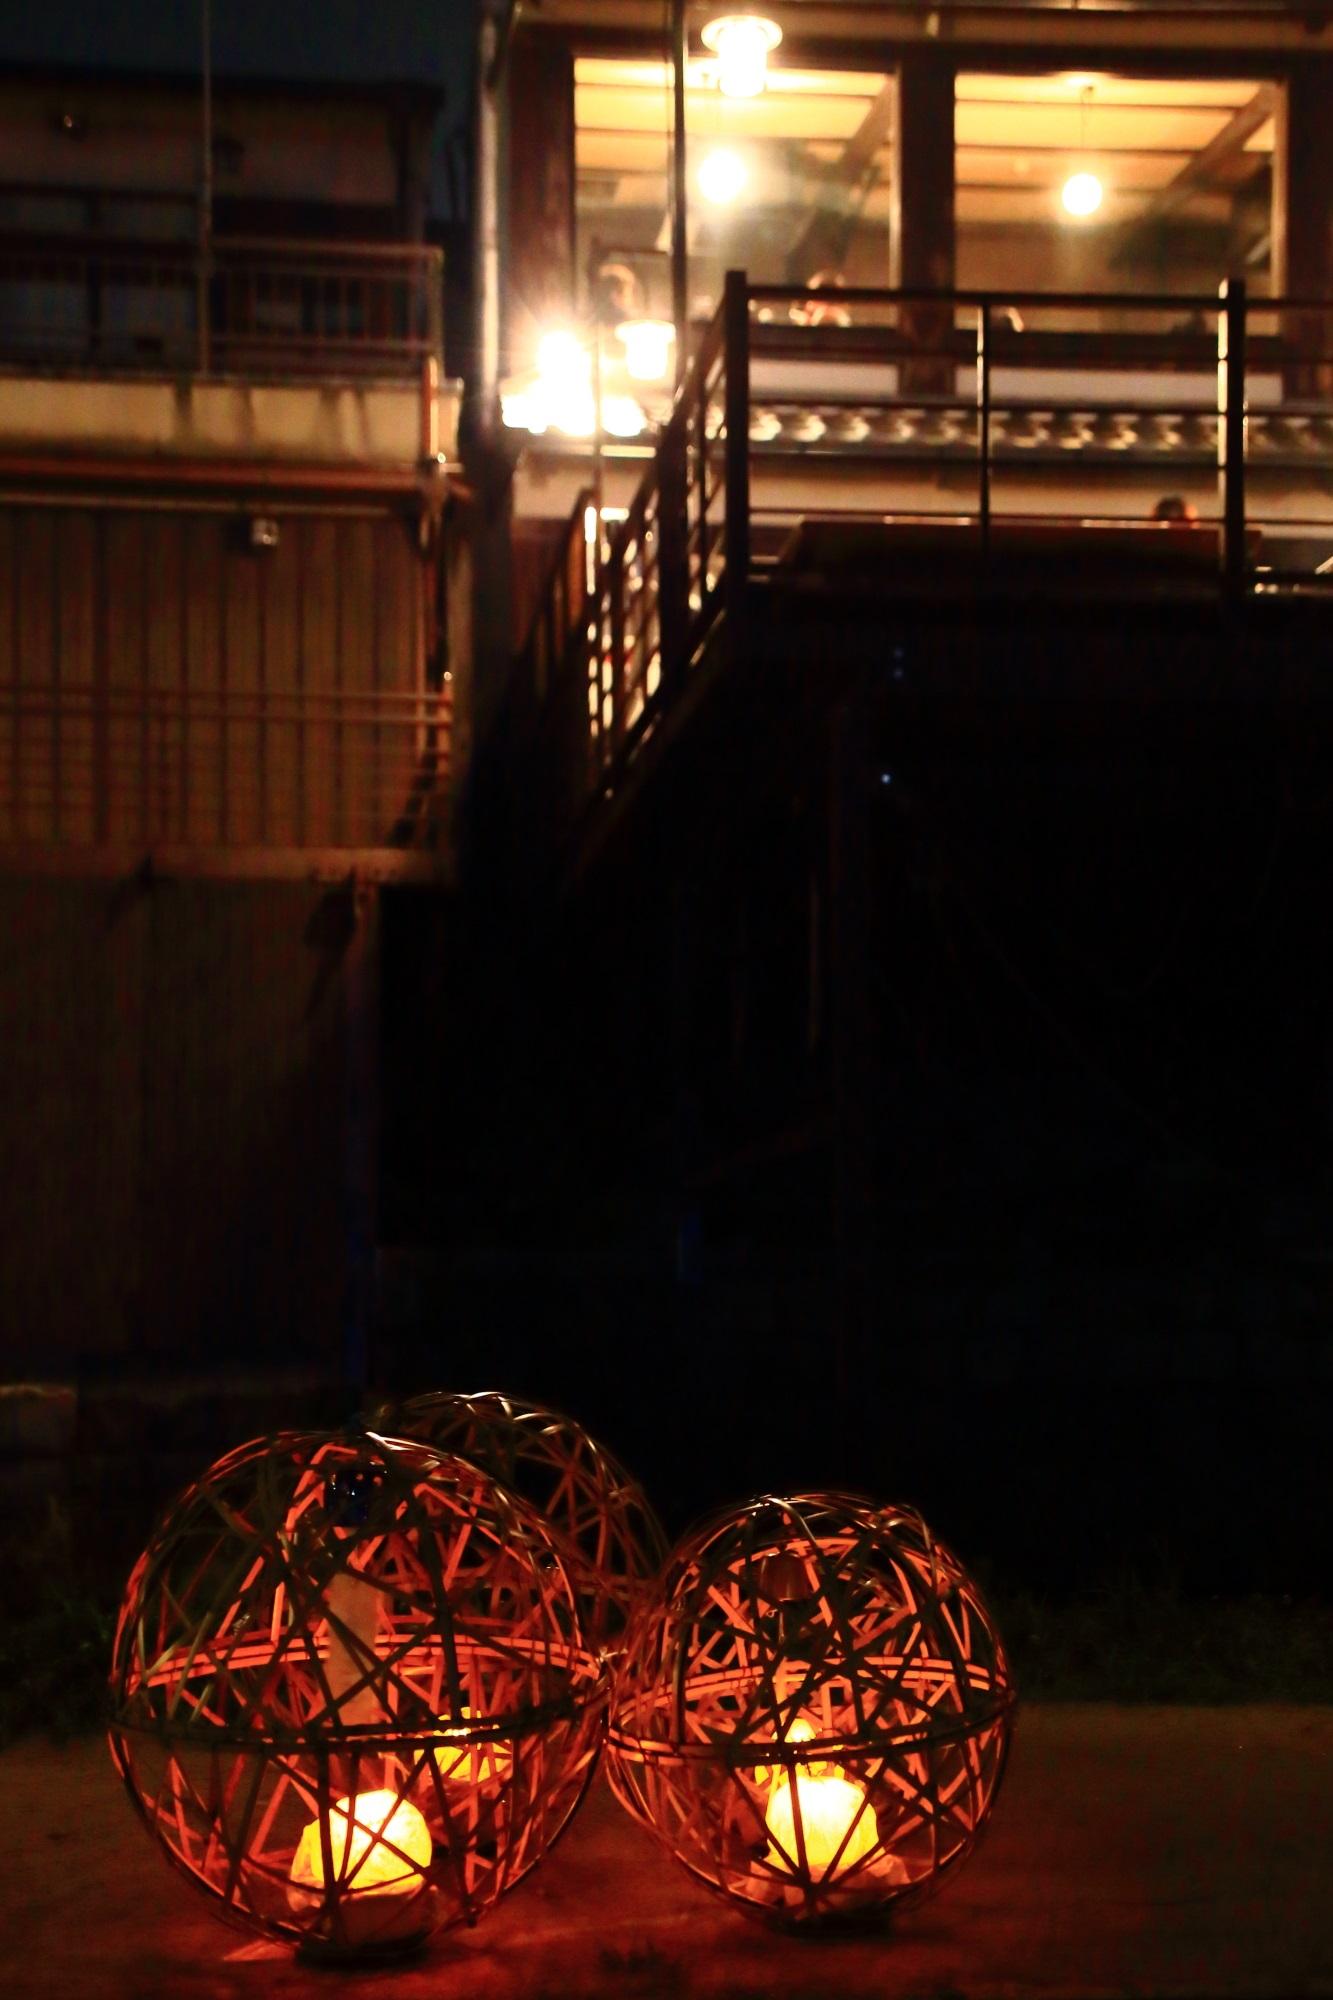 京の七夕鴨川会場の風情ある風鈴灯と納涼床 8月